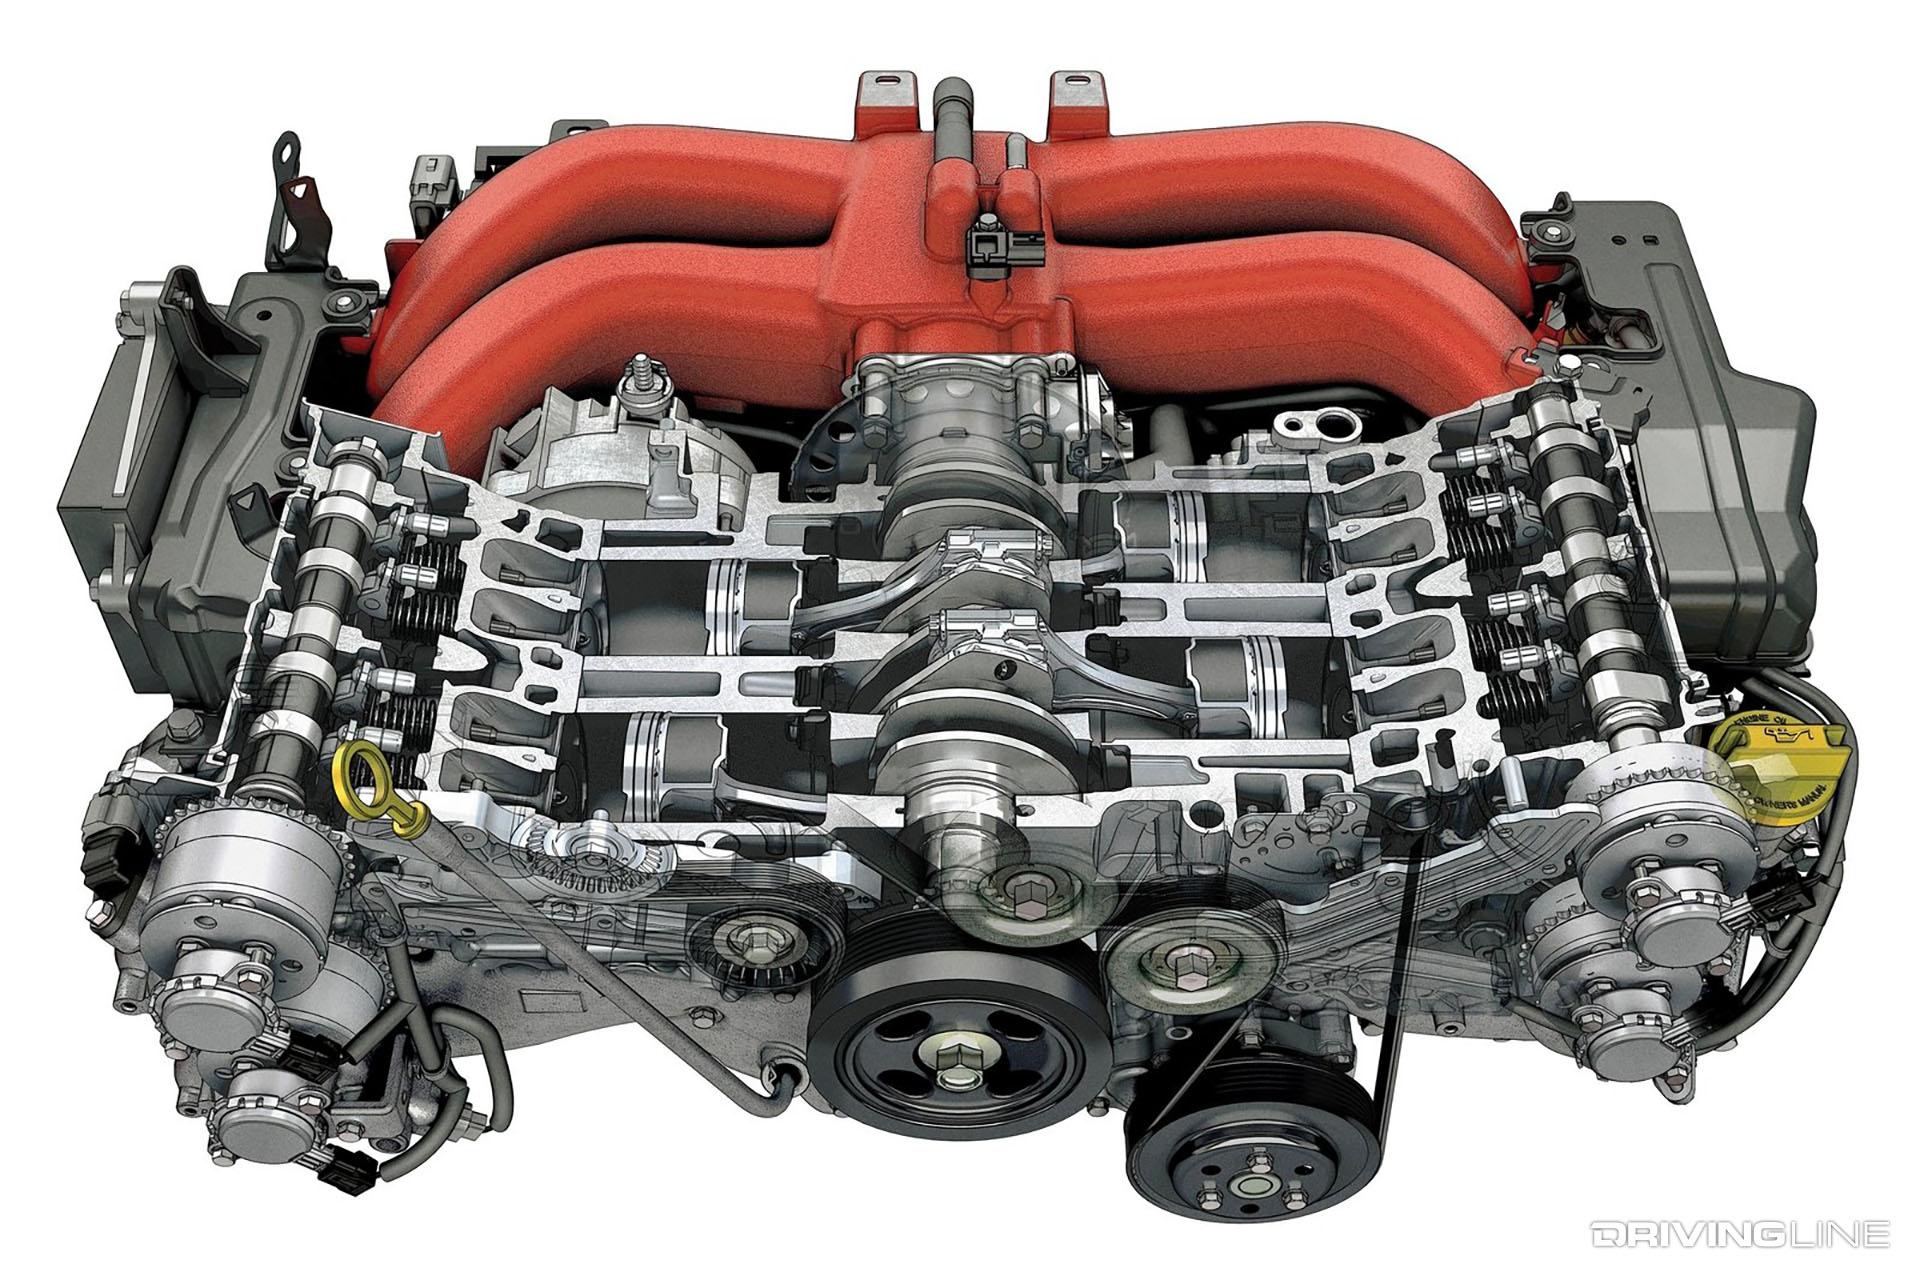 Toyota 86 Boxer Engine Diagram - seniorsclub.it circuit-deter -  circuit-deter.plus-haus.itdiagram database